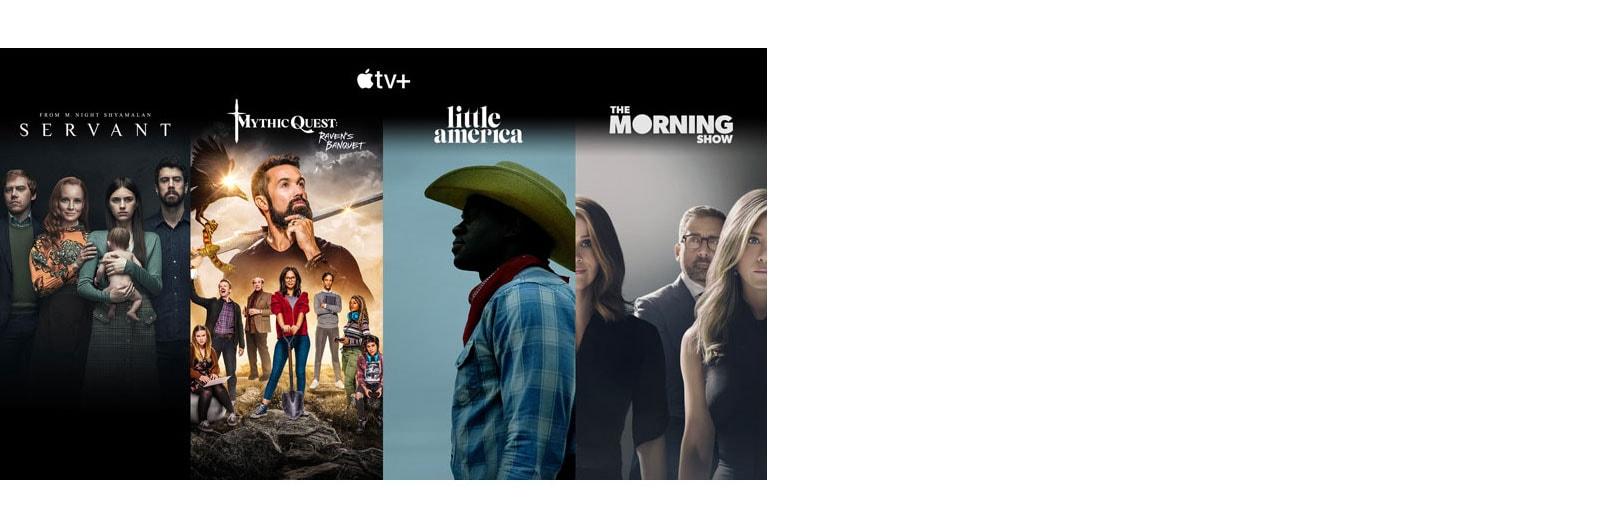 Sličice 4 najbolj priljubljenih naslovov v aplikaciji Apple TV